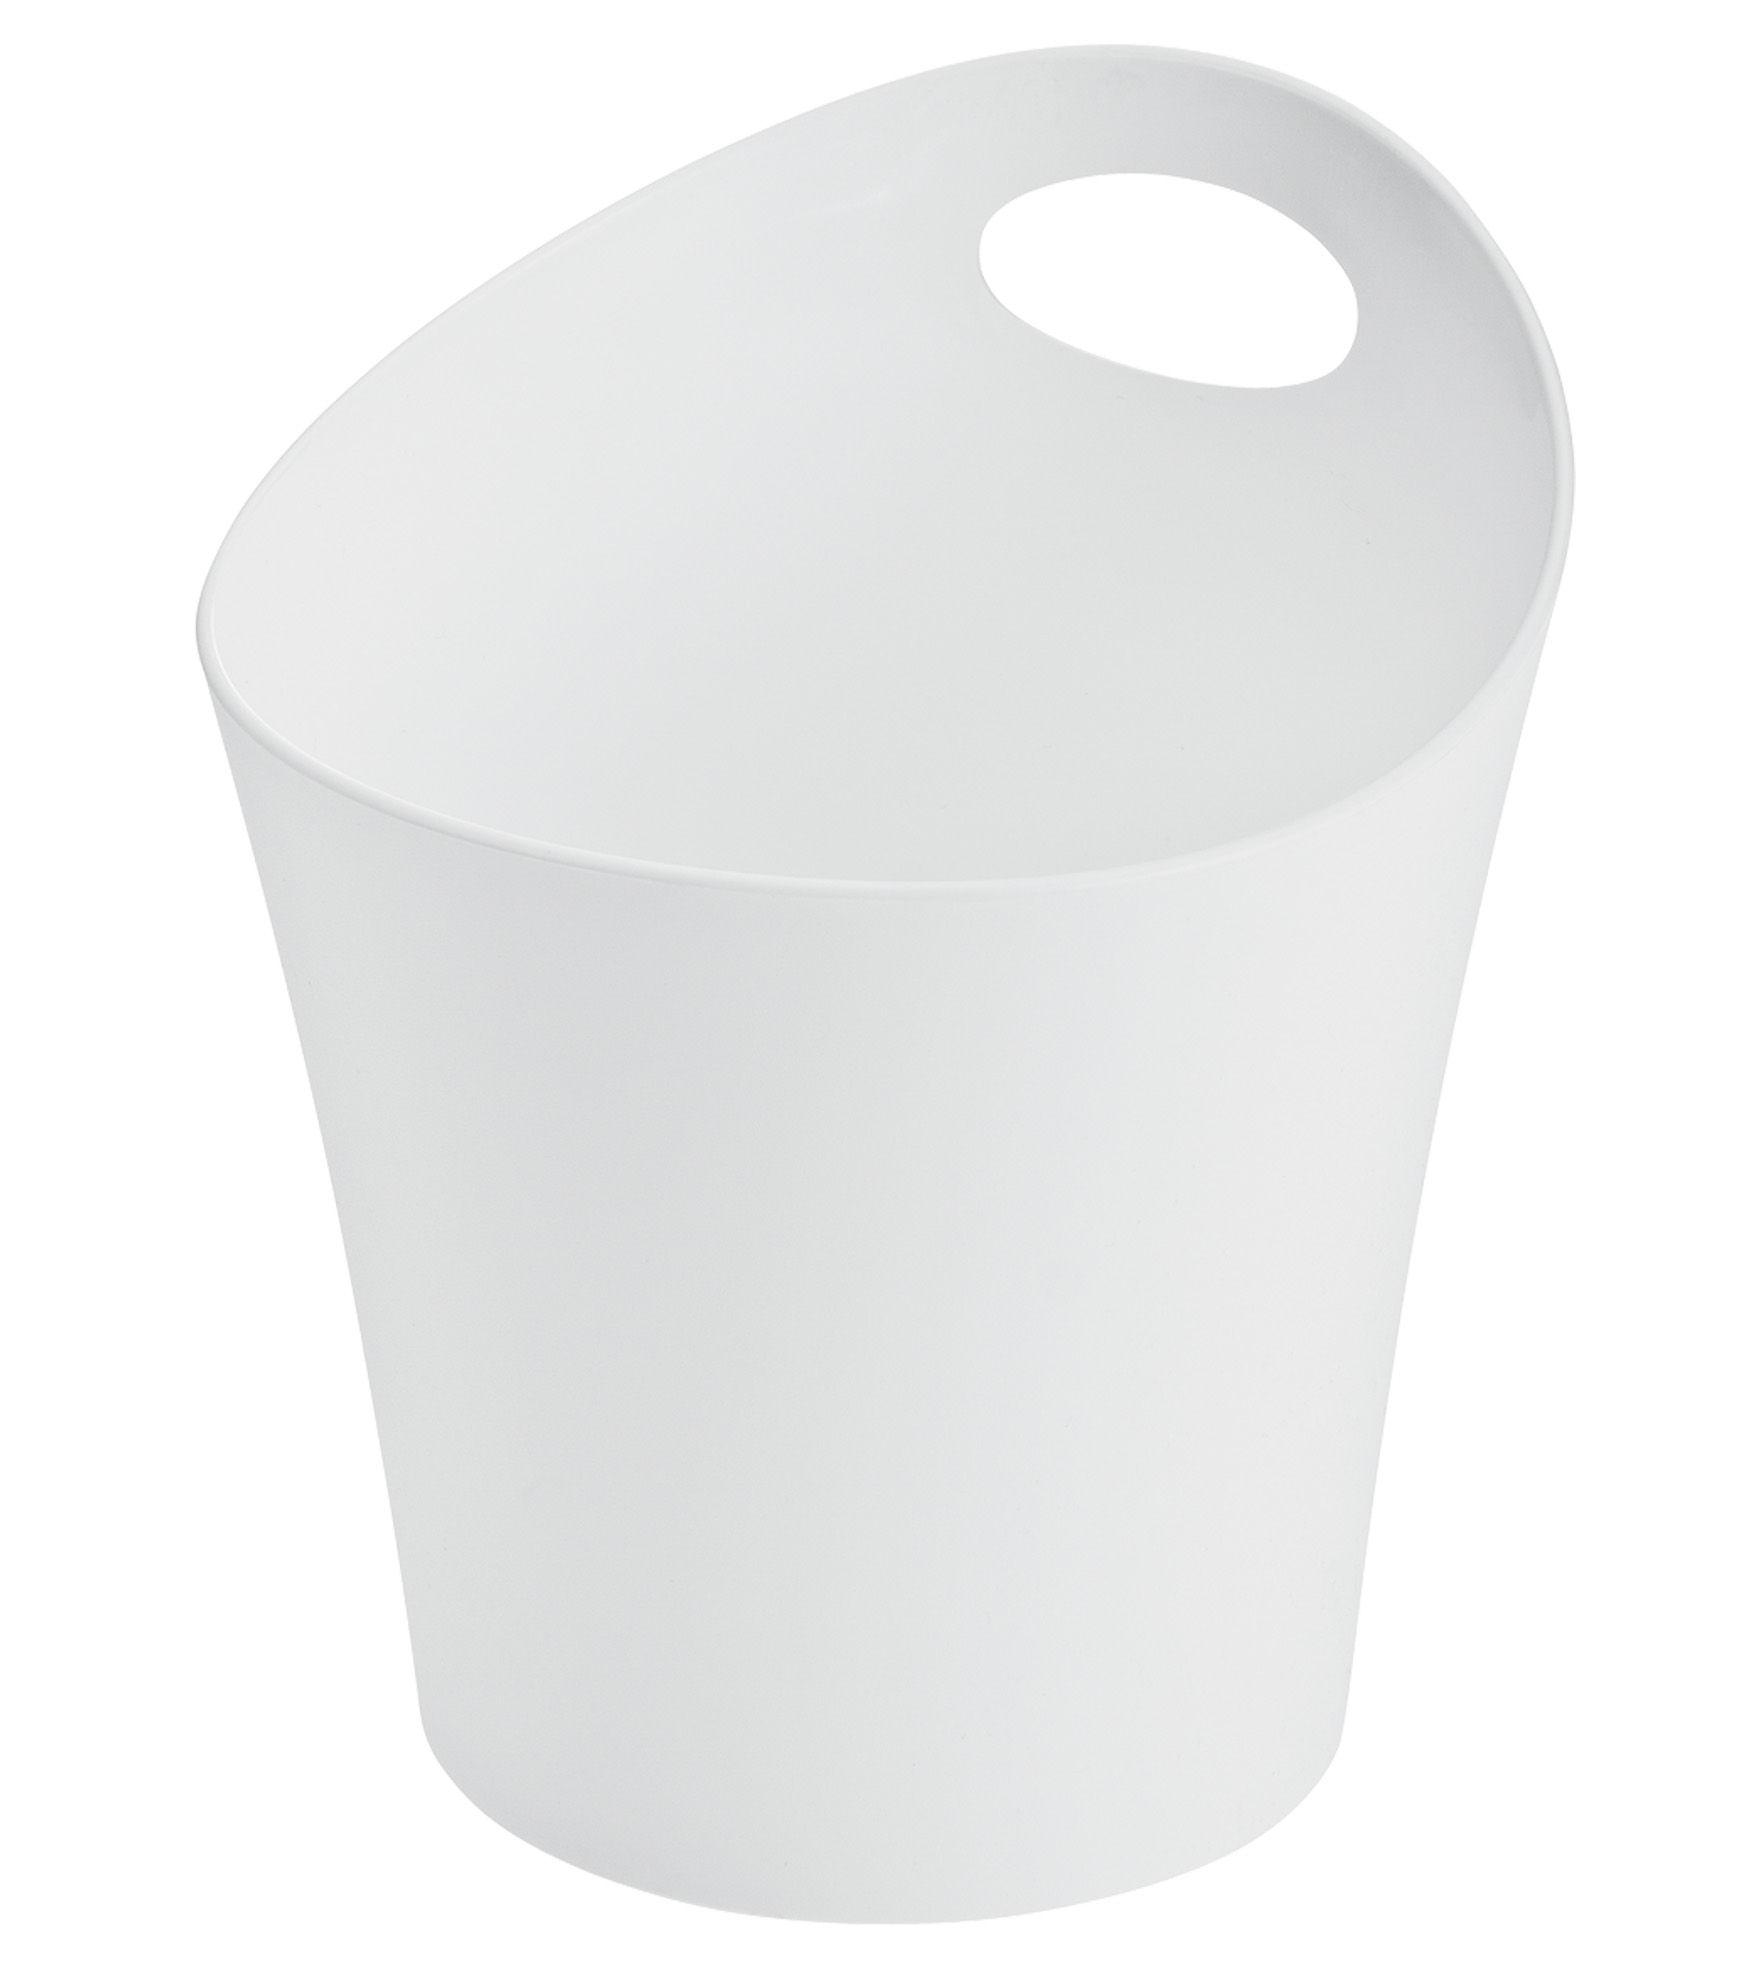 Interni - Bagno  - Vaso Pottichelli L di Koziol - Bianco - PMMA